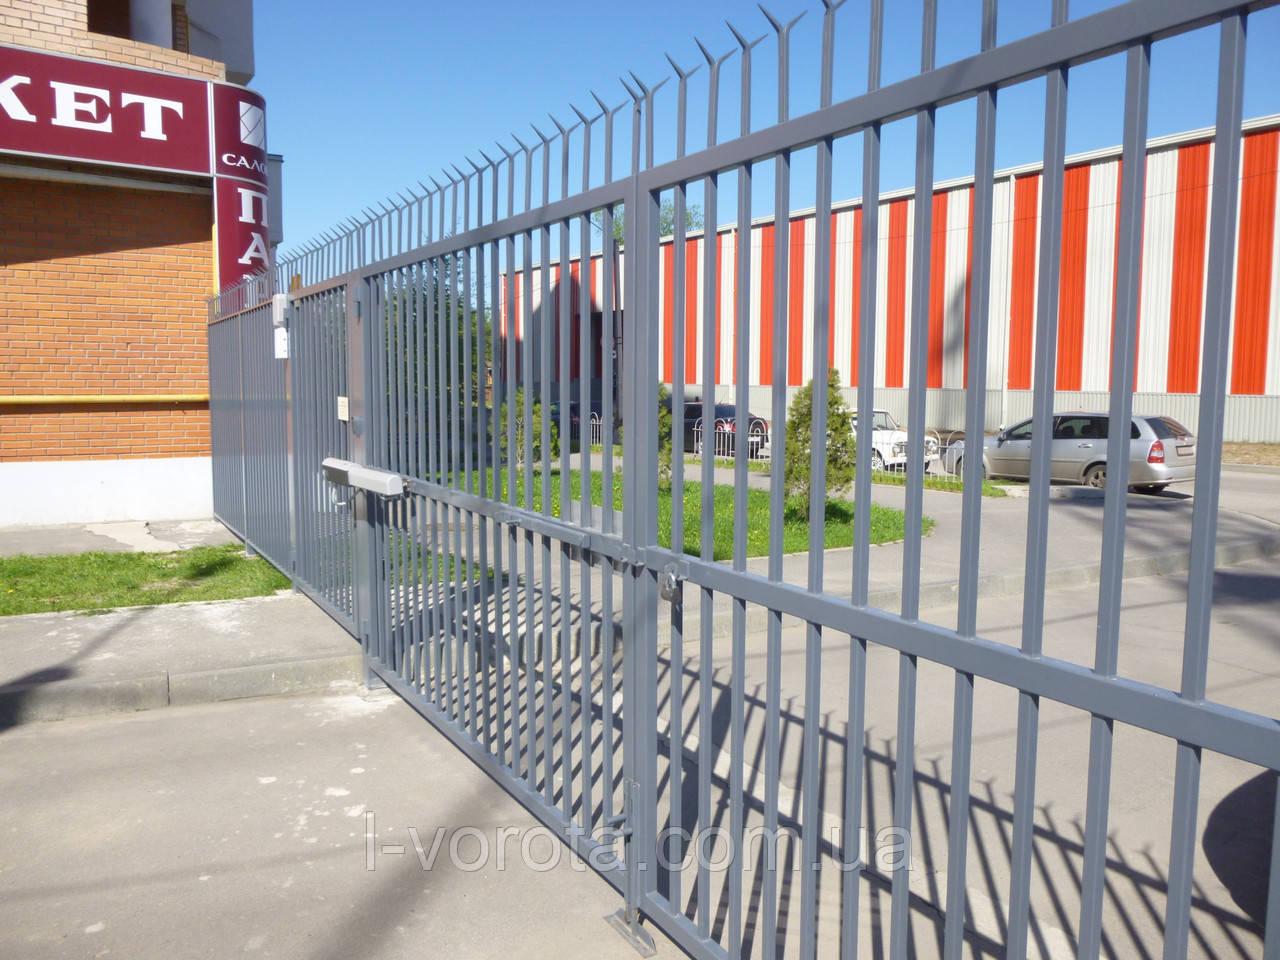 Автоматические распашные ворота 3600 на 2300 (дизайн решетка)